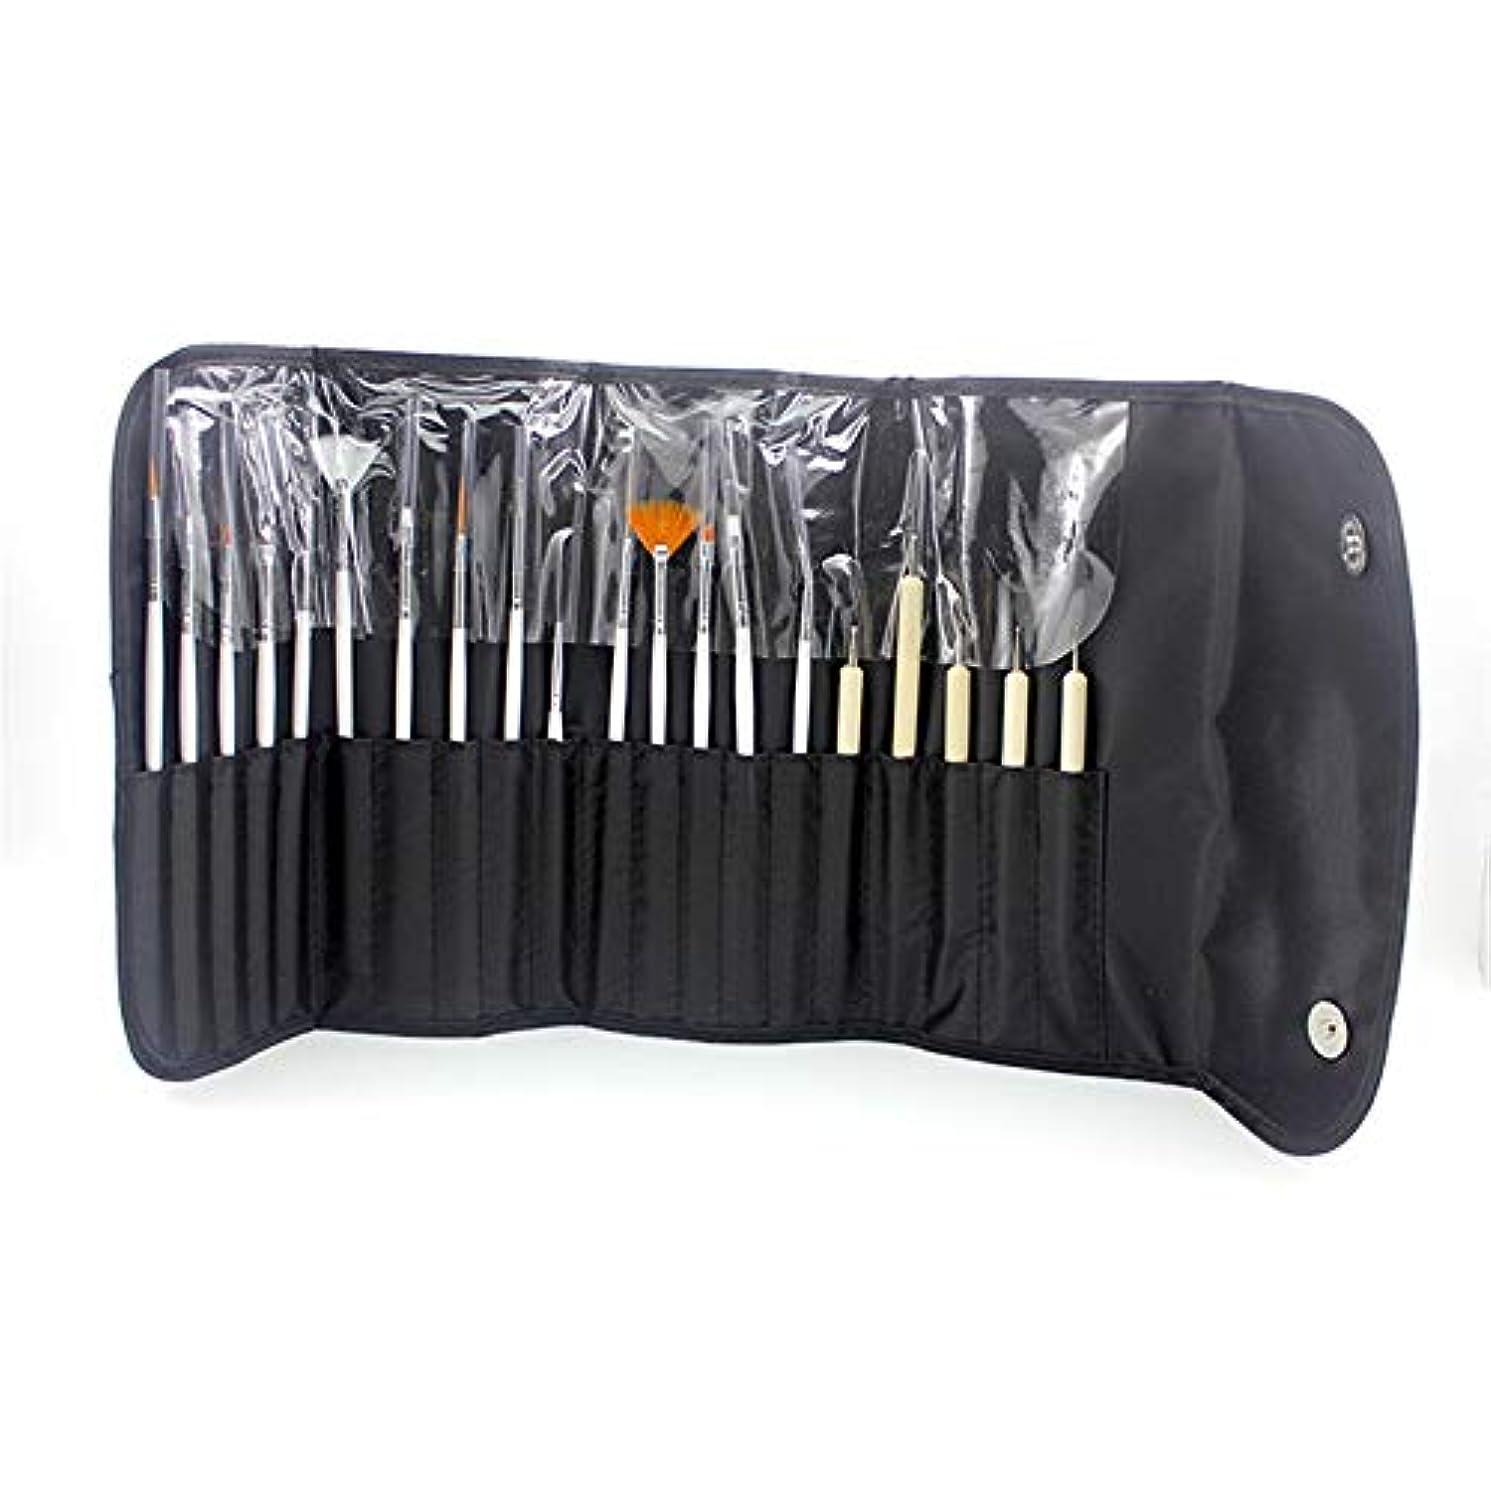 天気ラベンダーシール20ピース マニキュア ツール ネイルケアキット プロフェッショナル デザイン パーフェクト 15pcs ペイントペンブラシ + 5pcs ドットペン 取り扱いが簡単